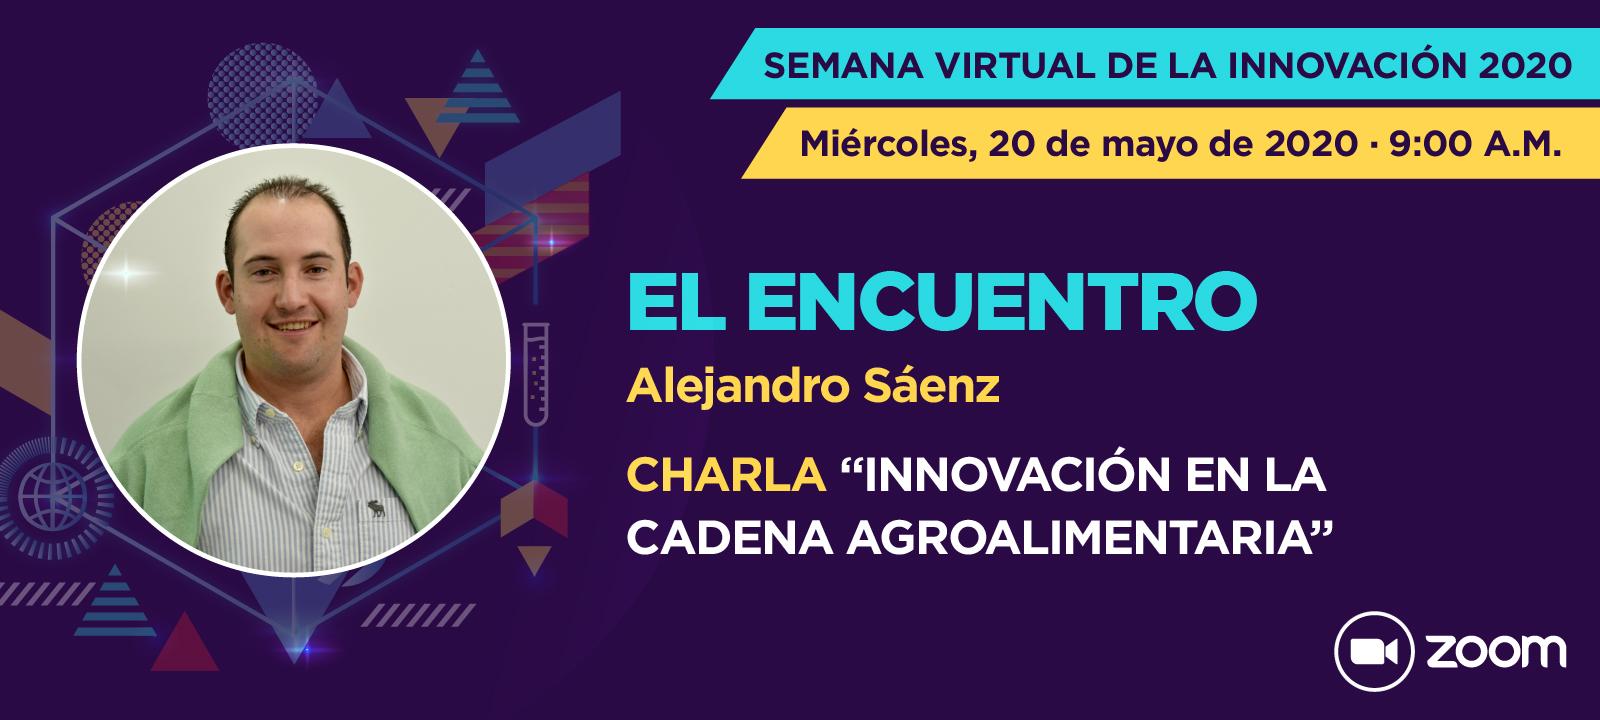 el-encuentro-alejandro-saenz-cadena-agroalimentaria-ingenieria-uniandes